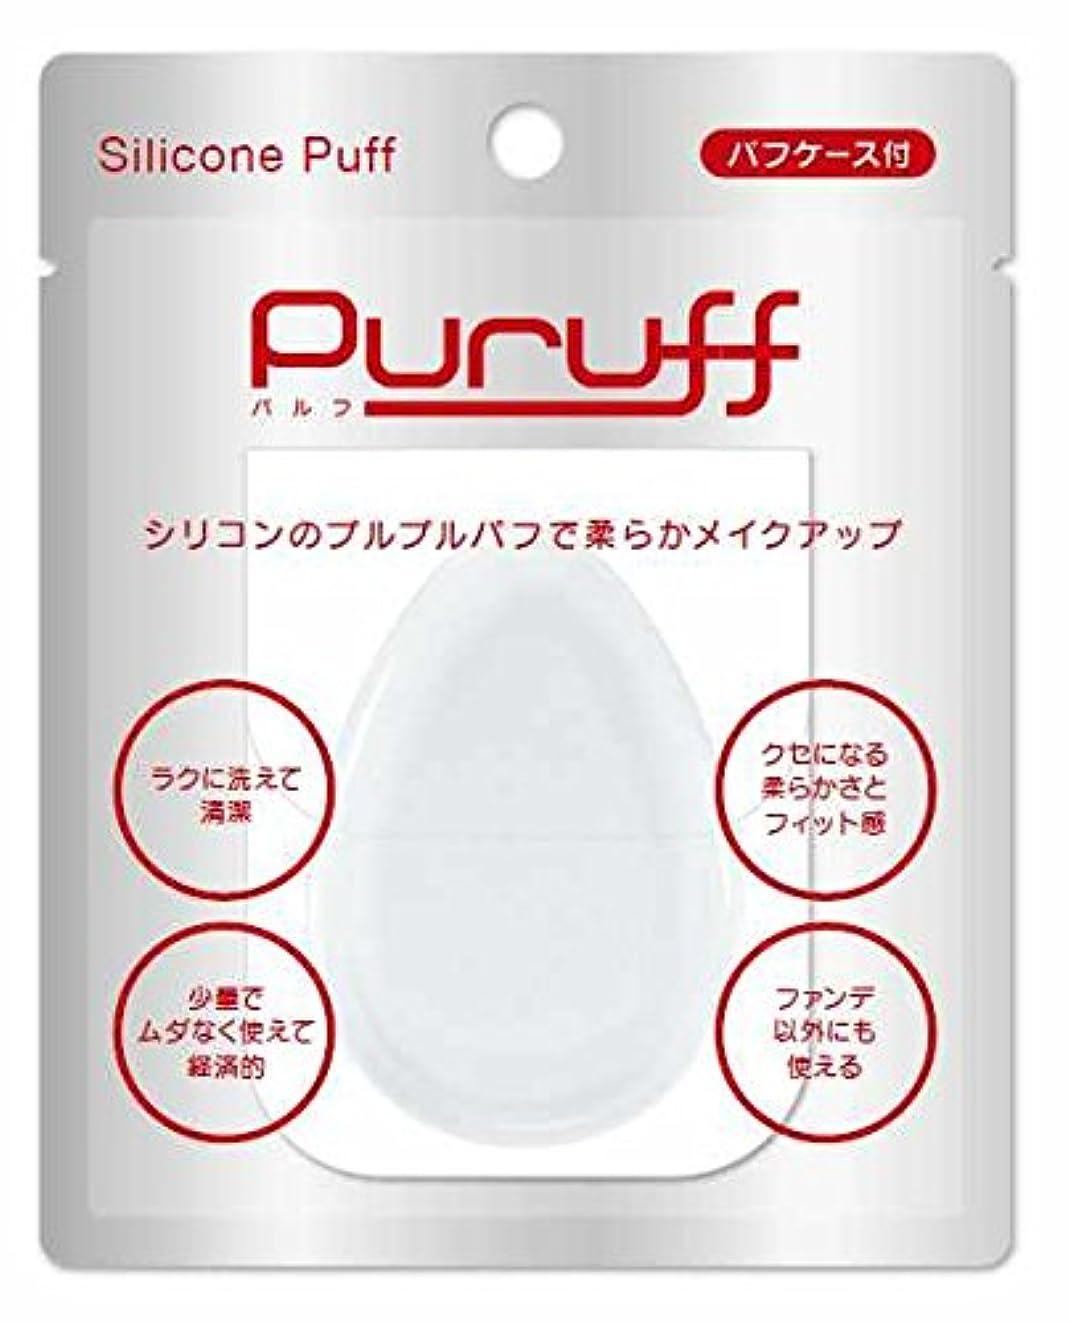 本物ステンレス半島Puruff(パルフ) シリコンパフ カバー付 【まとめ買い2個セット】